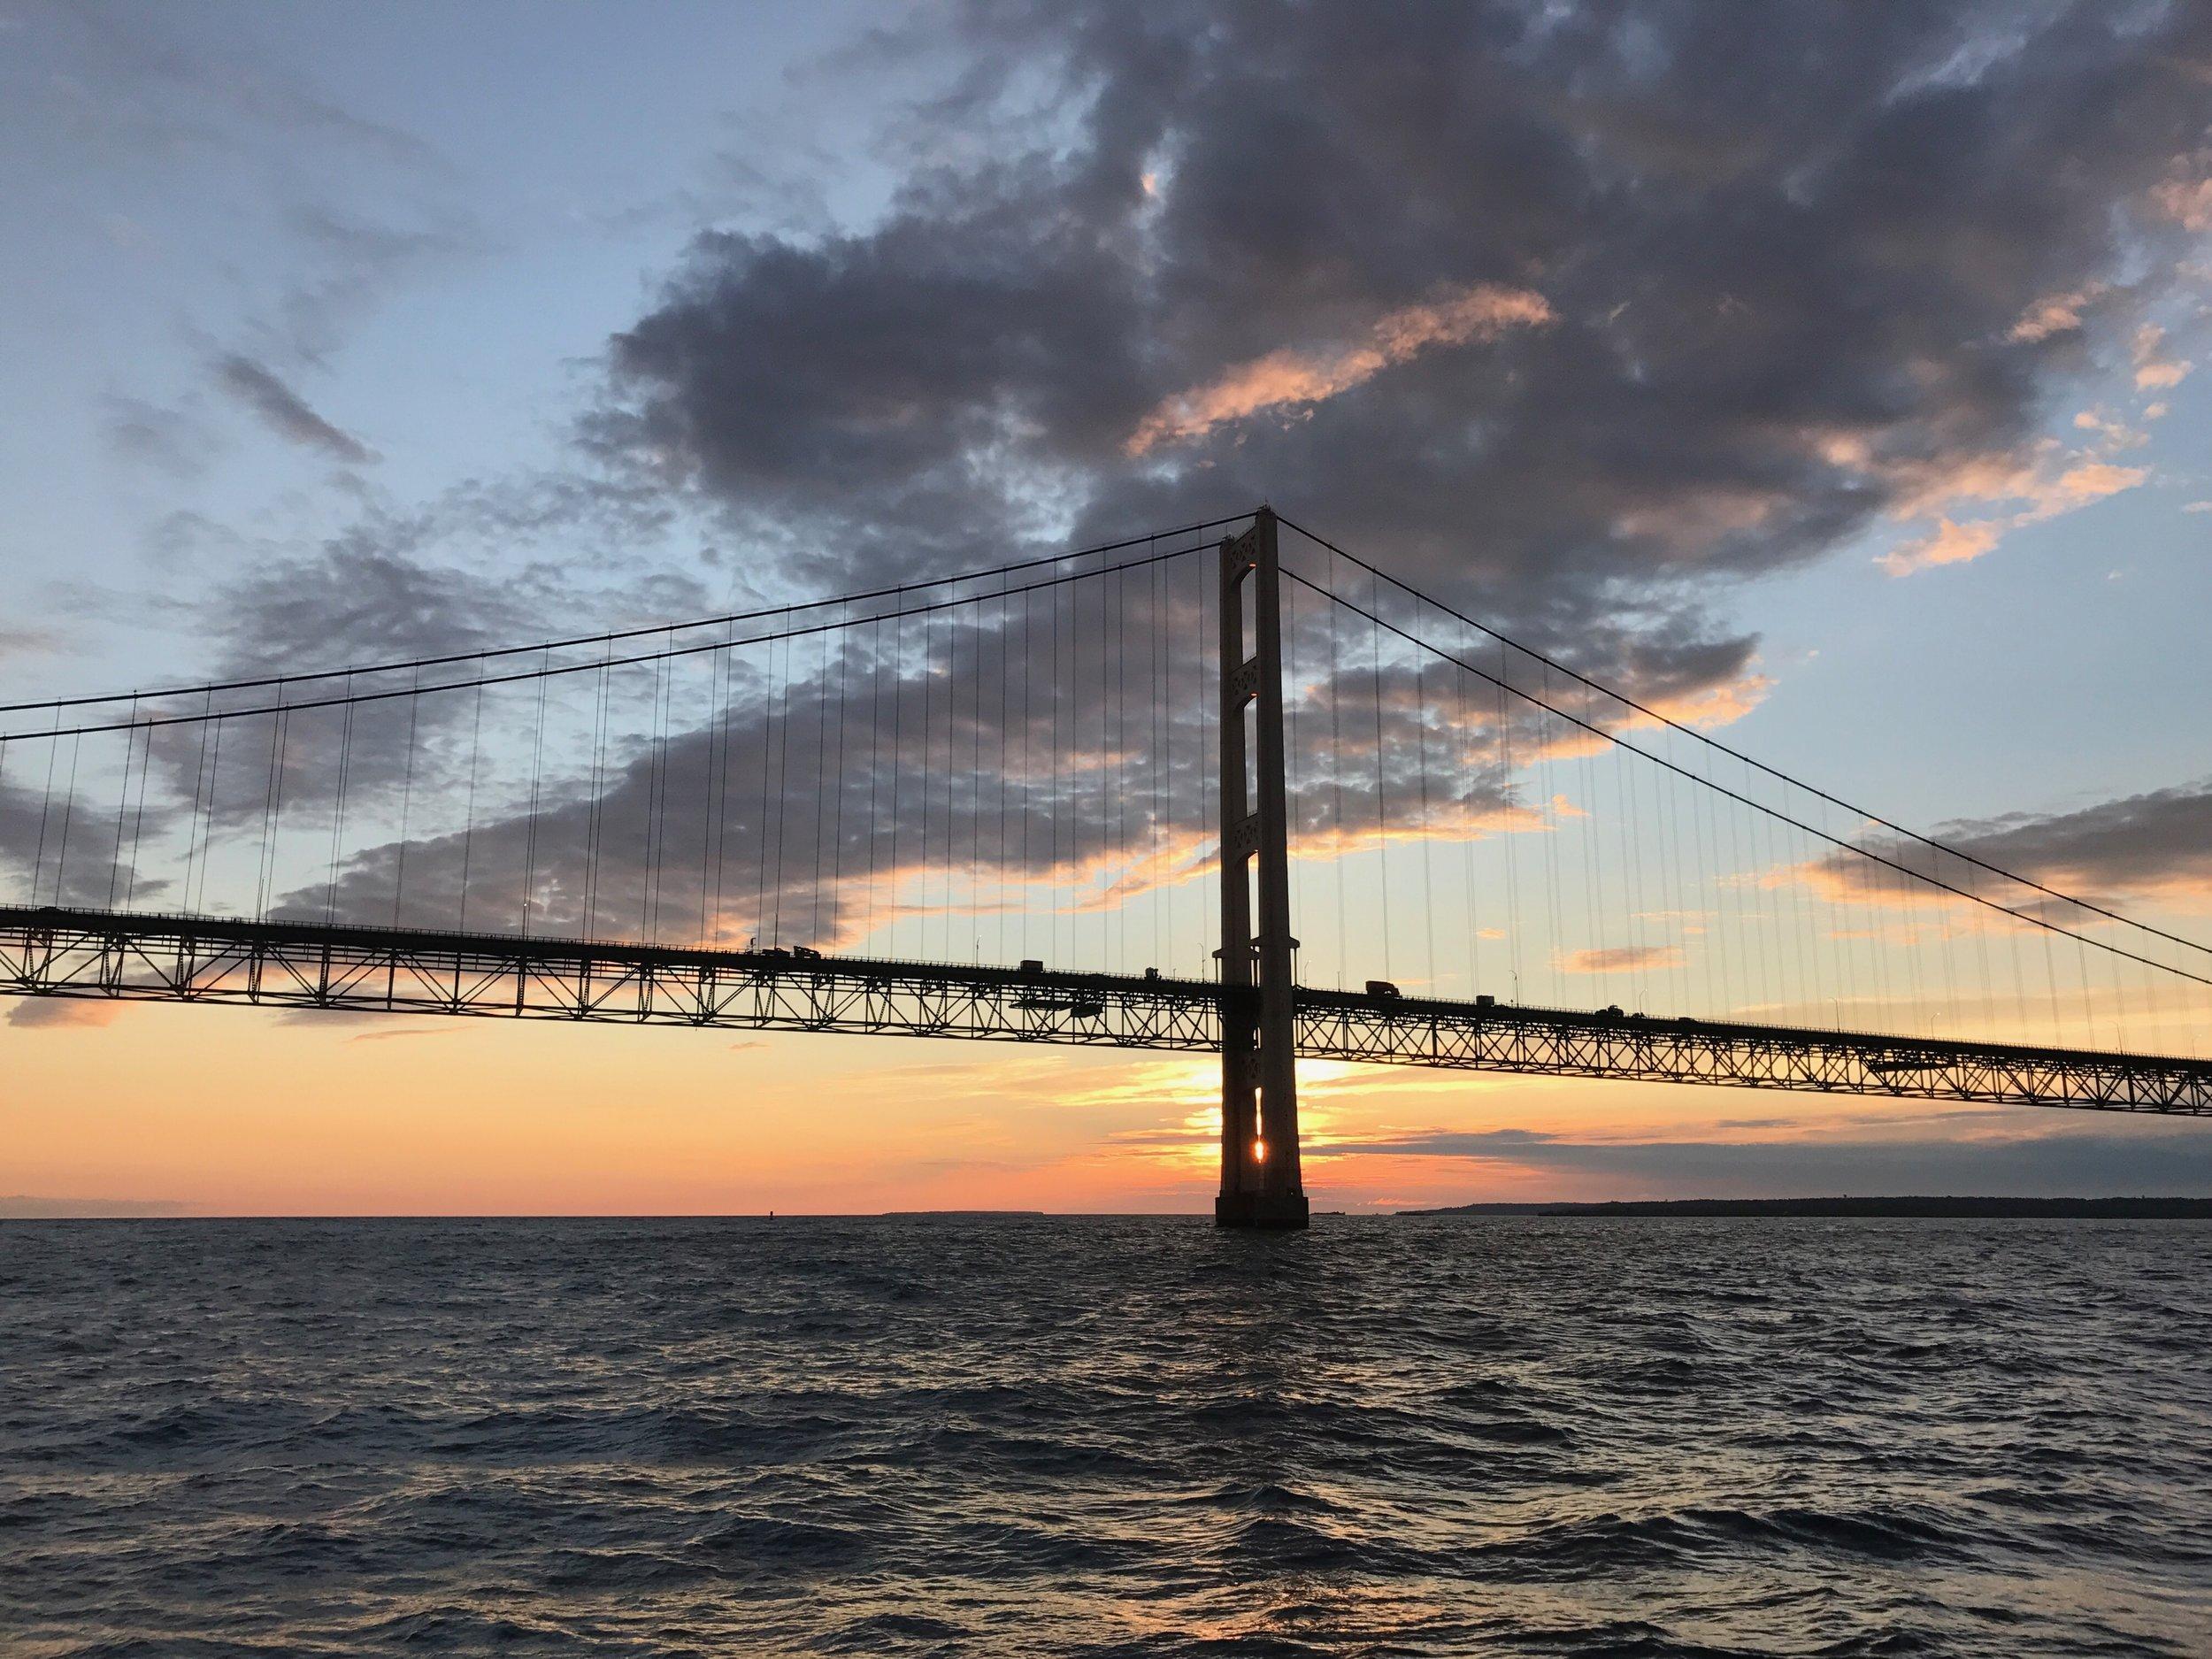 Sunset:8621.JPG.jpeg